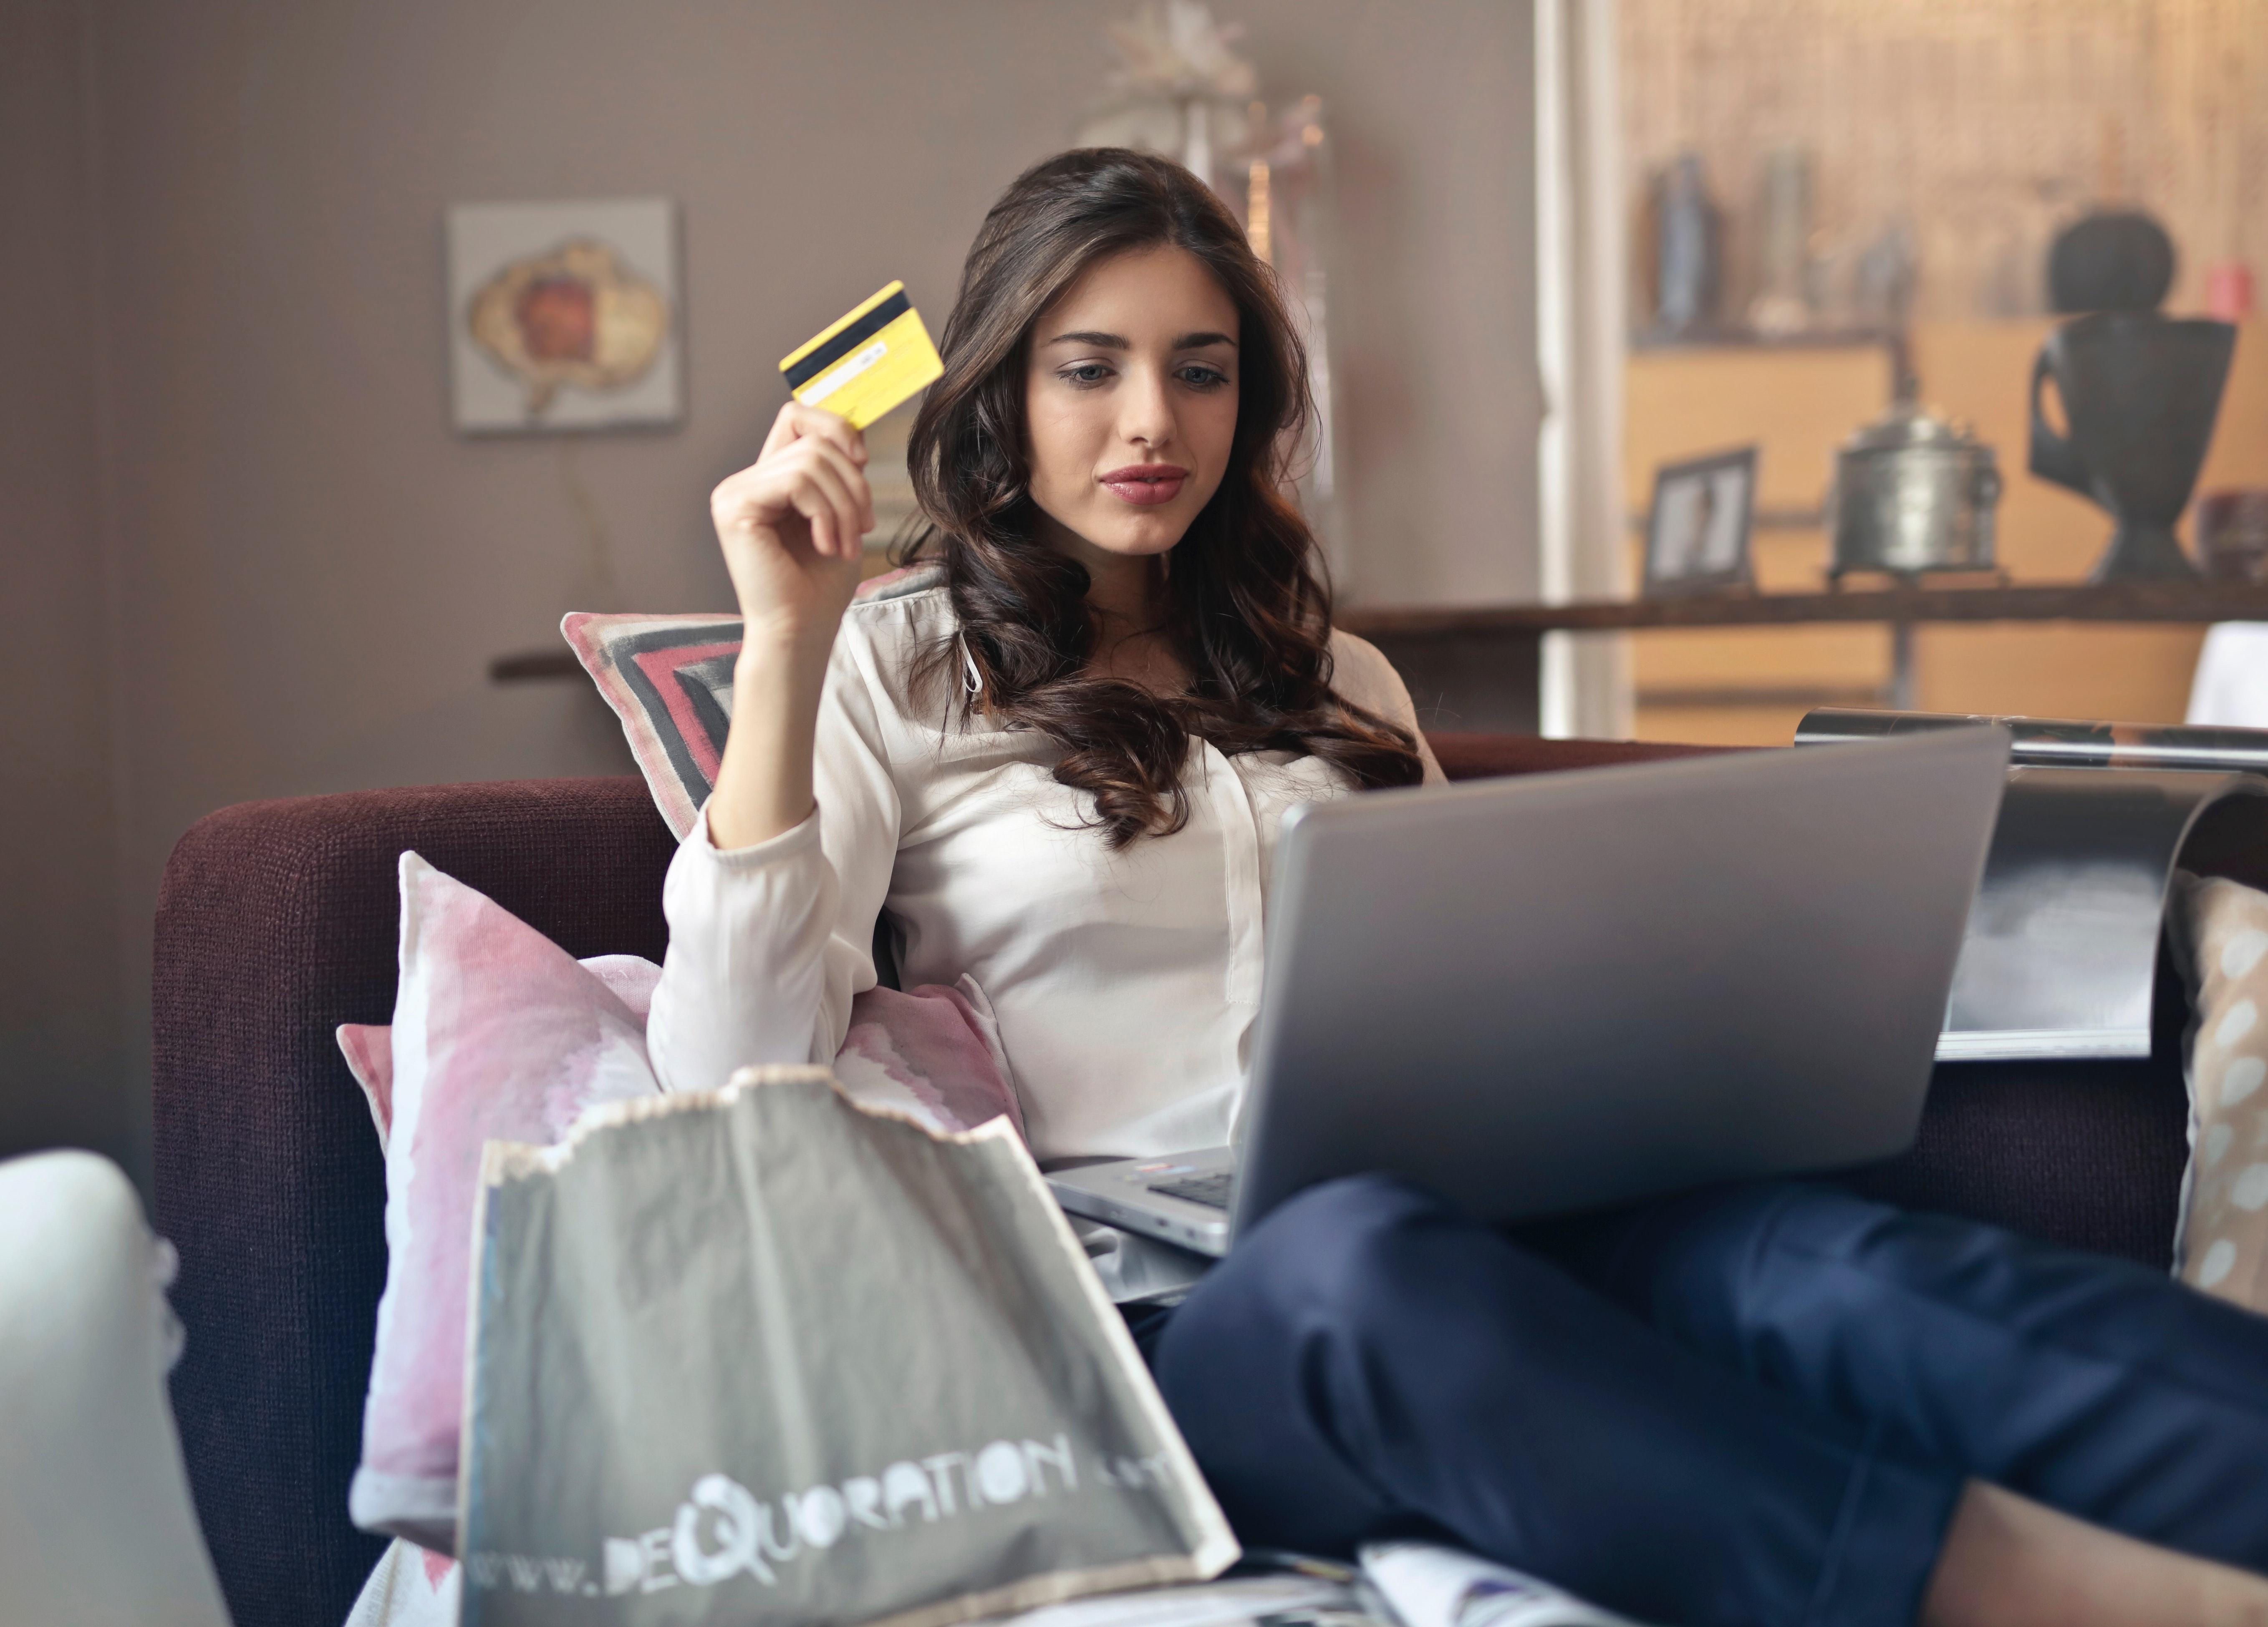 Marketing relazionale, il modello che fidelizza i clienti